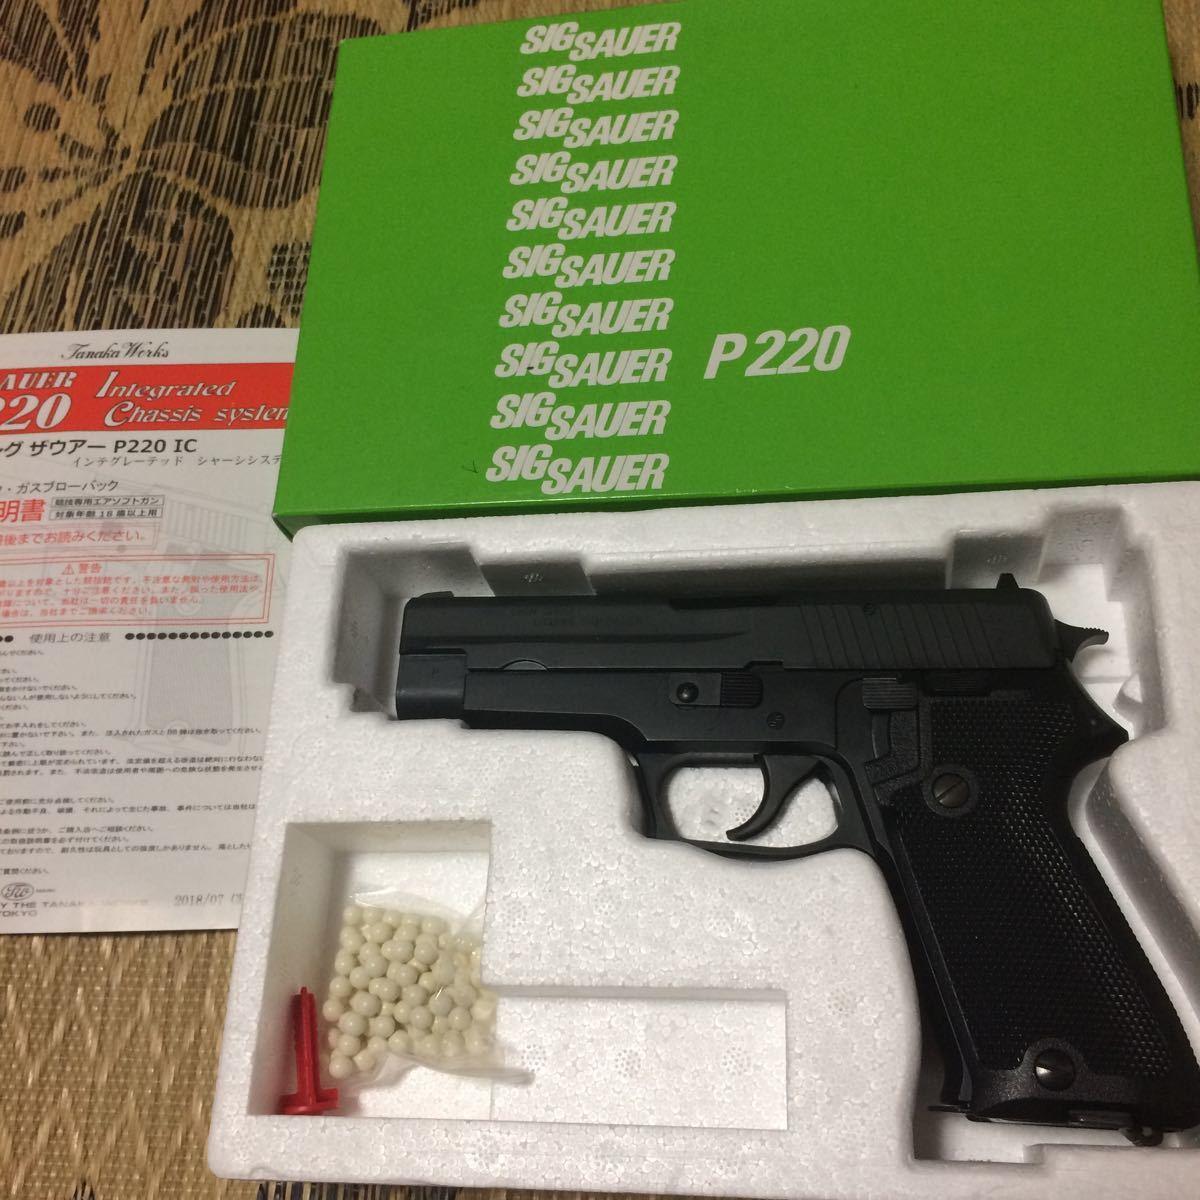 タナカ 航空自衛隊 P220 9mmけん銃 9mm拳銃 Ic ABS ガスブローバック